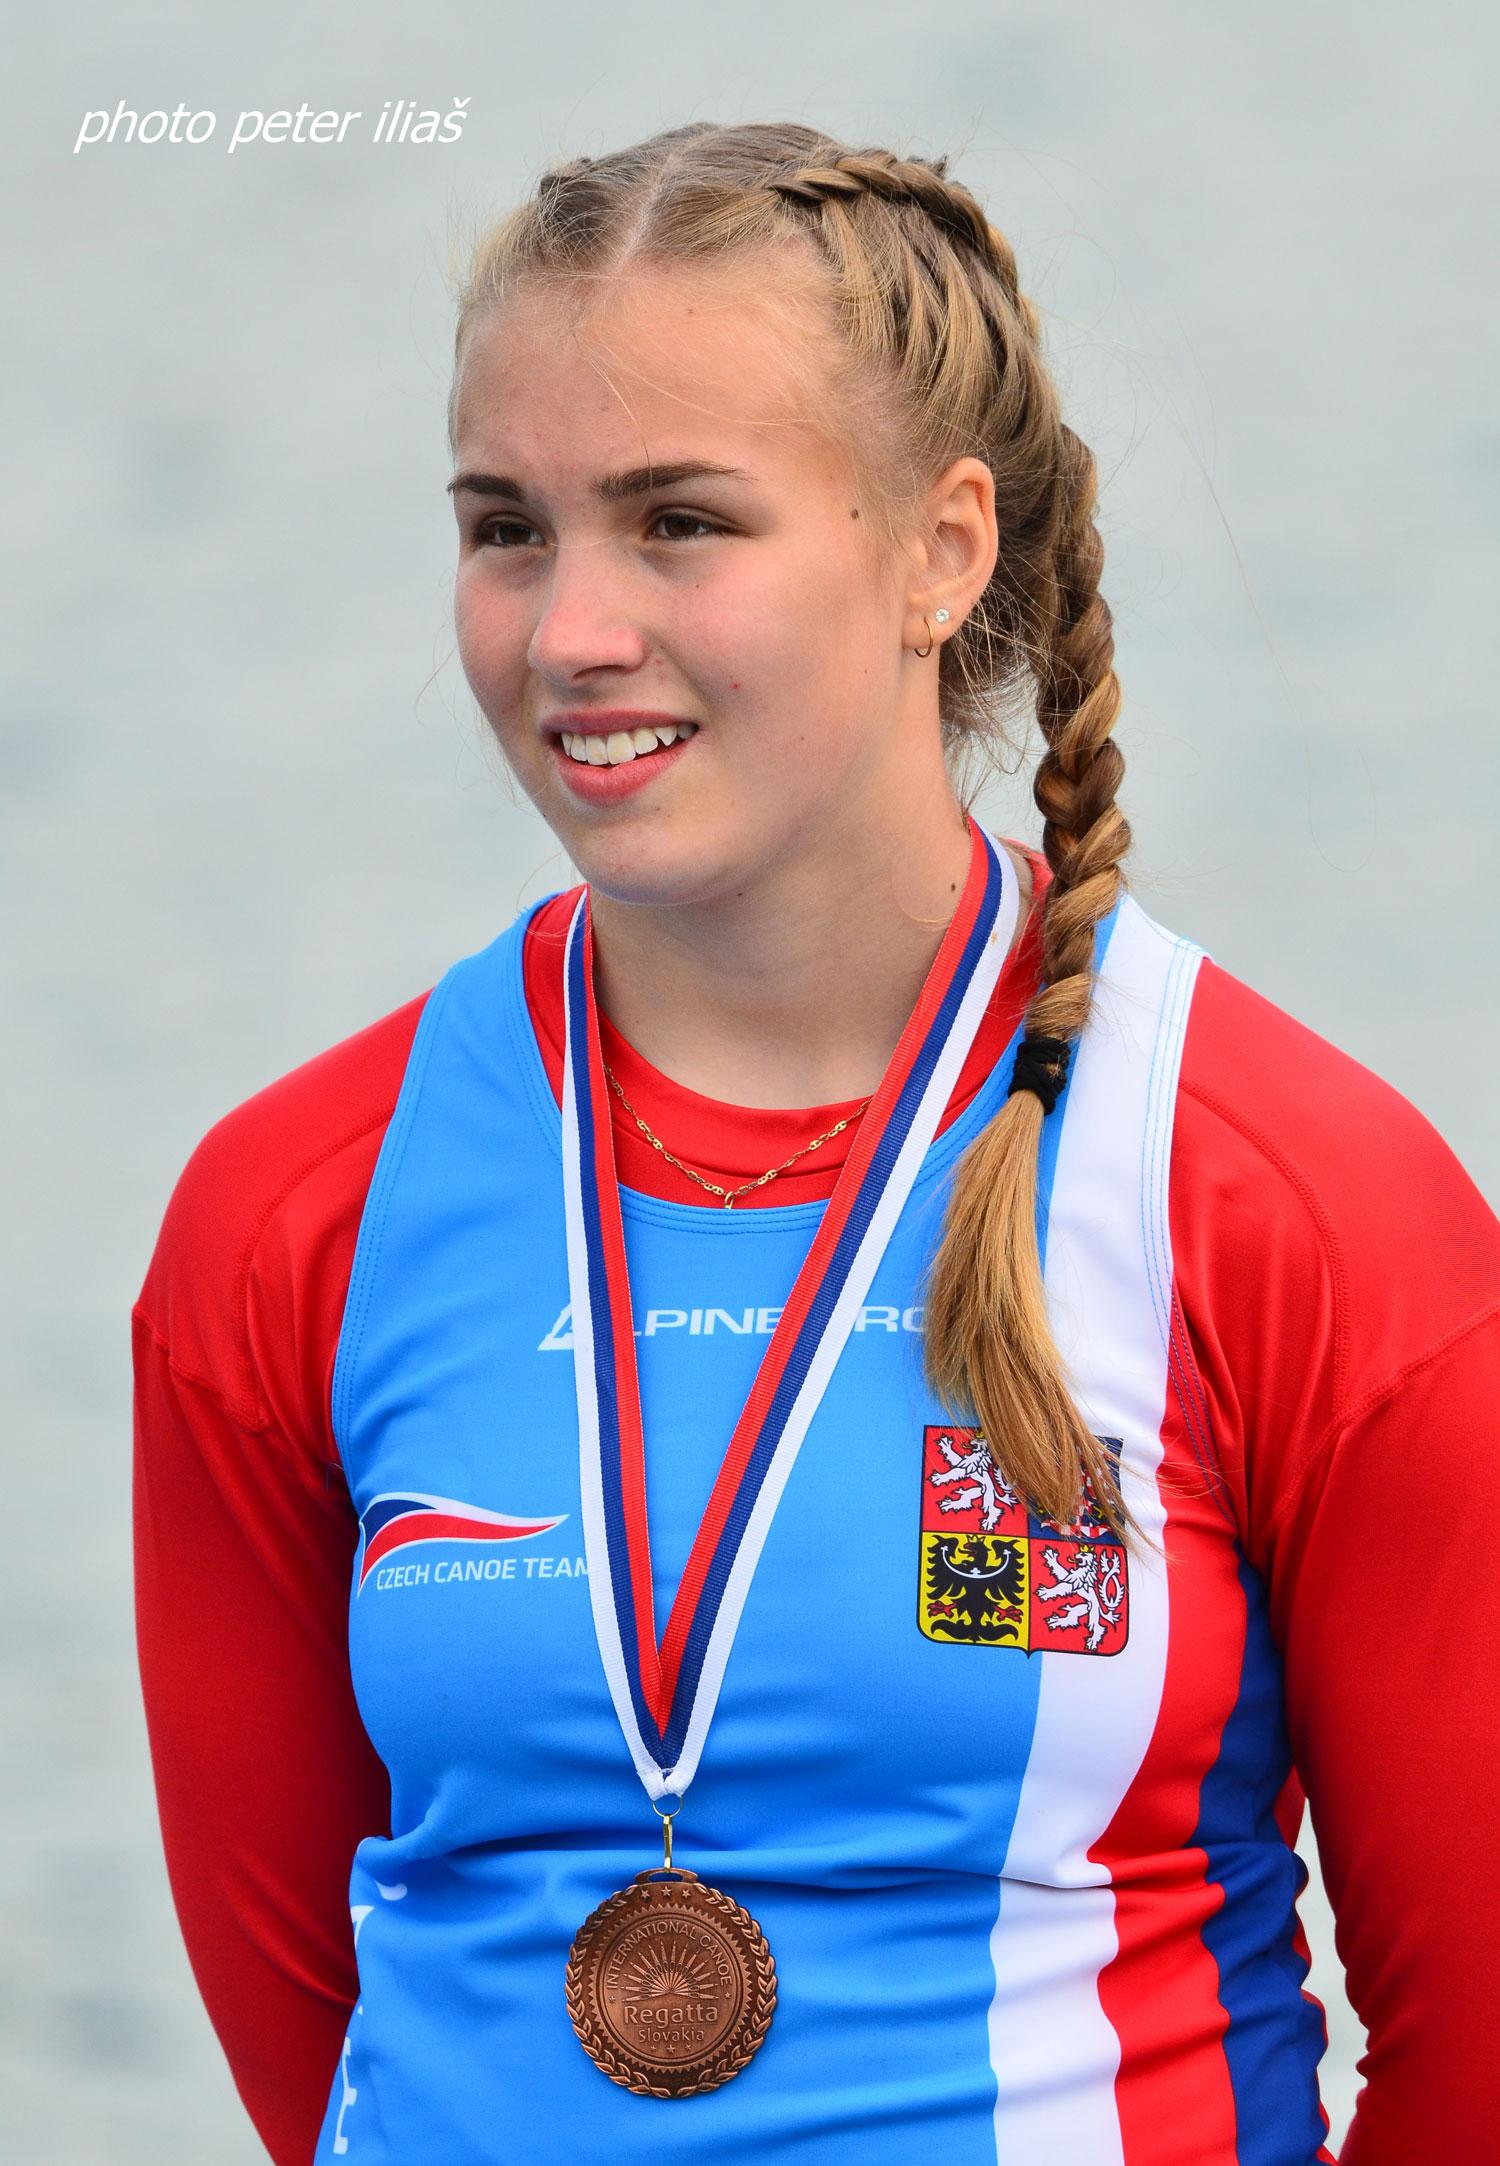 Medzinárodná regata juniorov a U23 - fotka